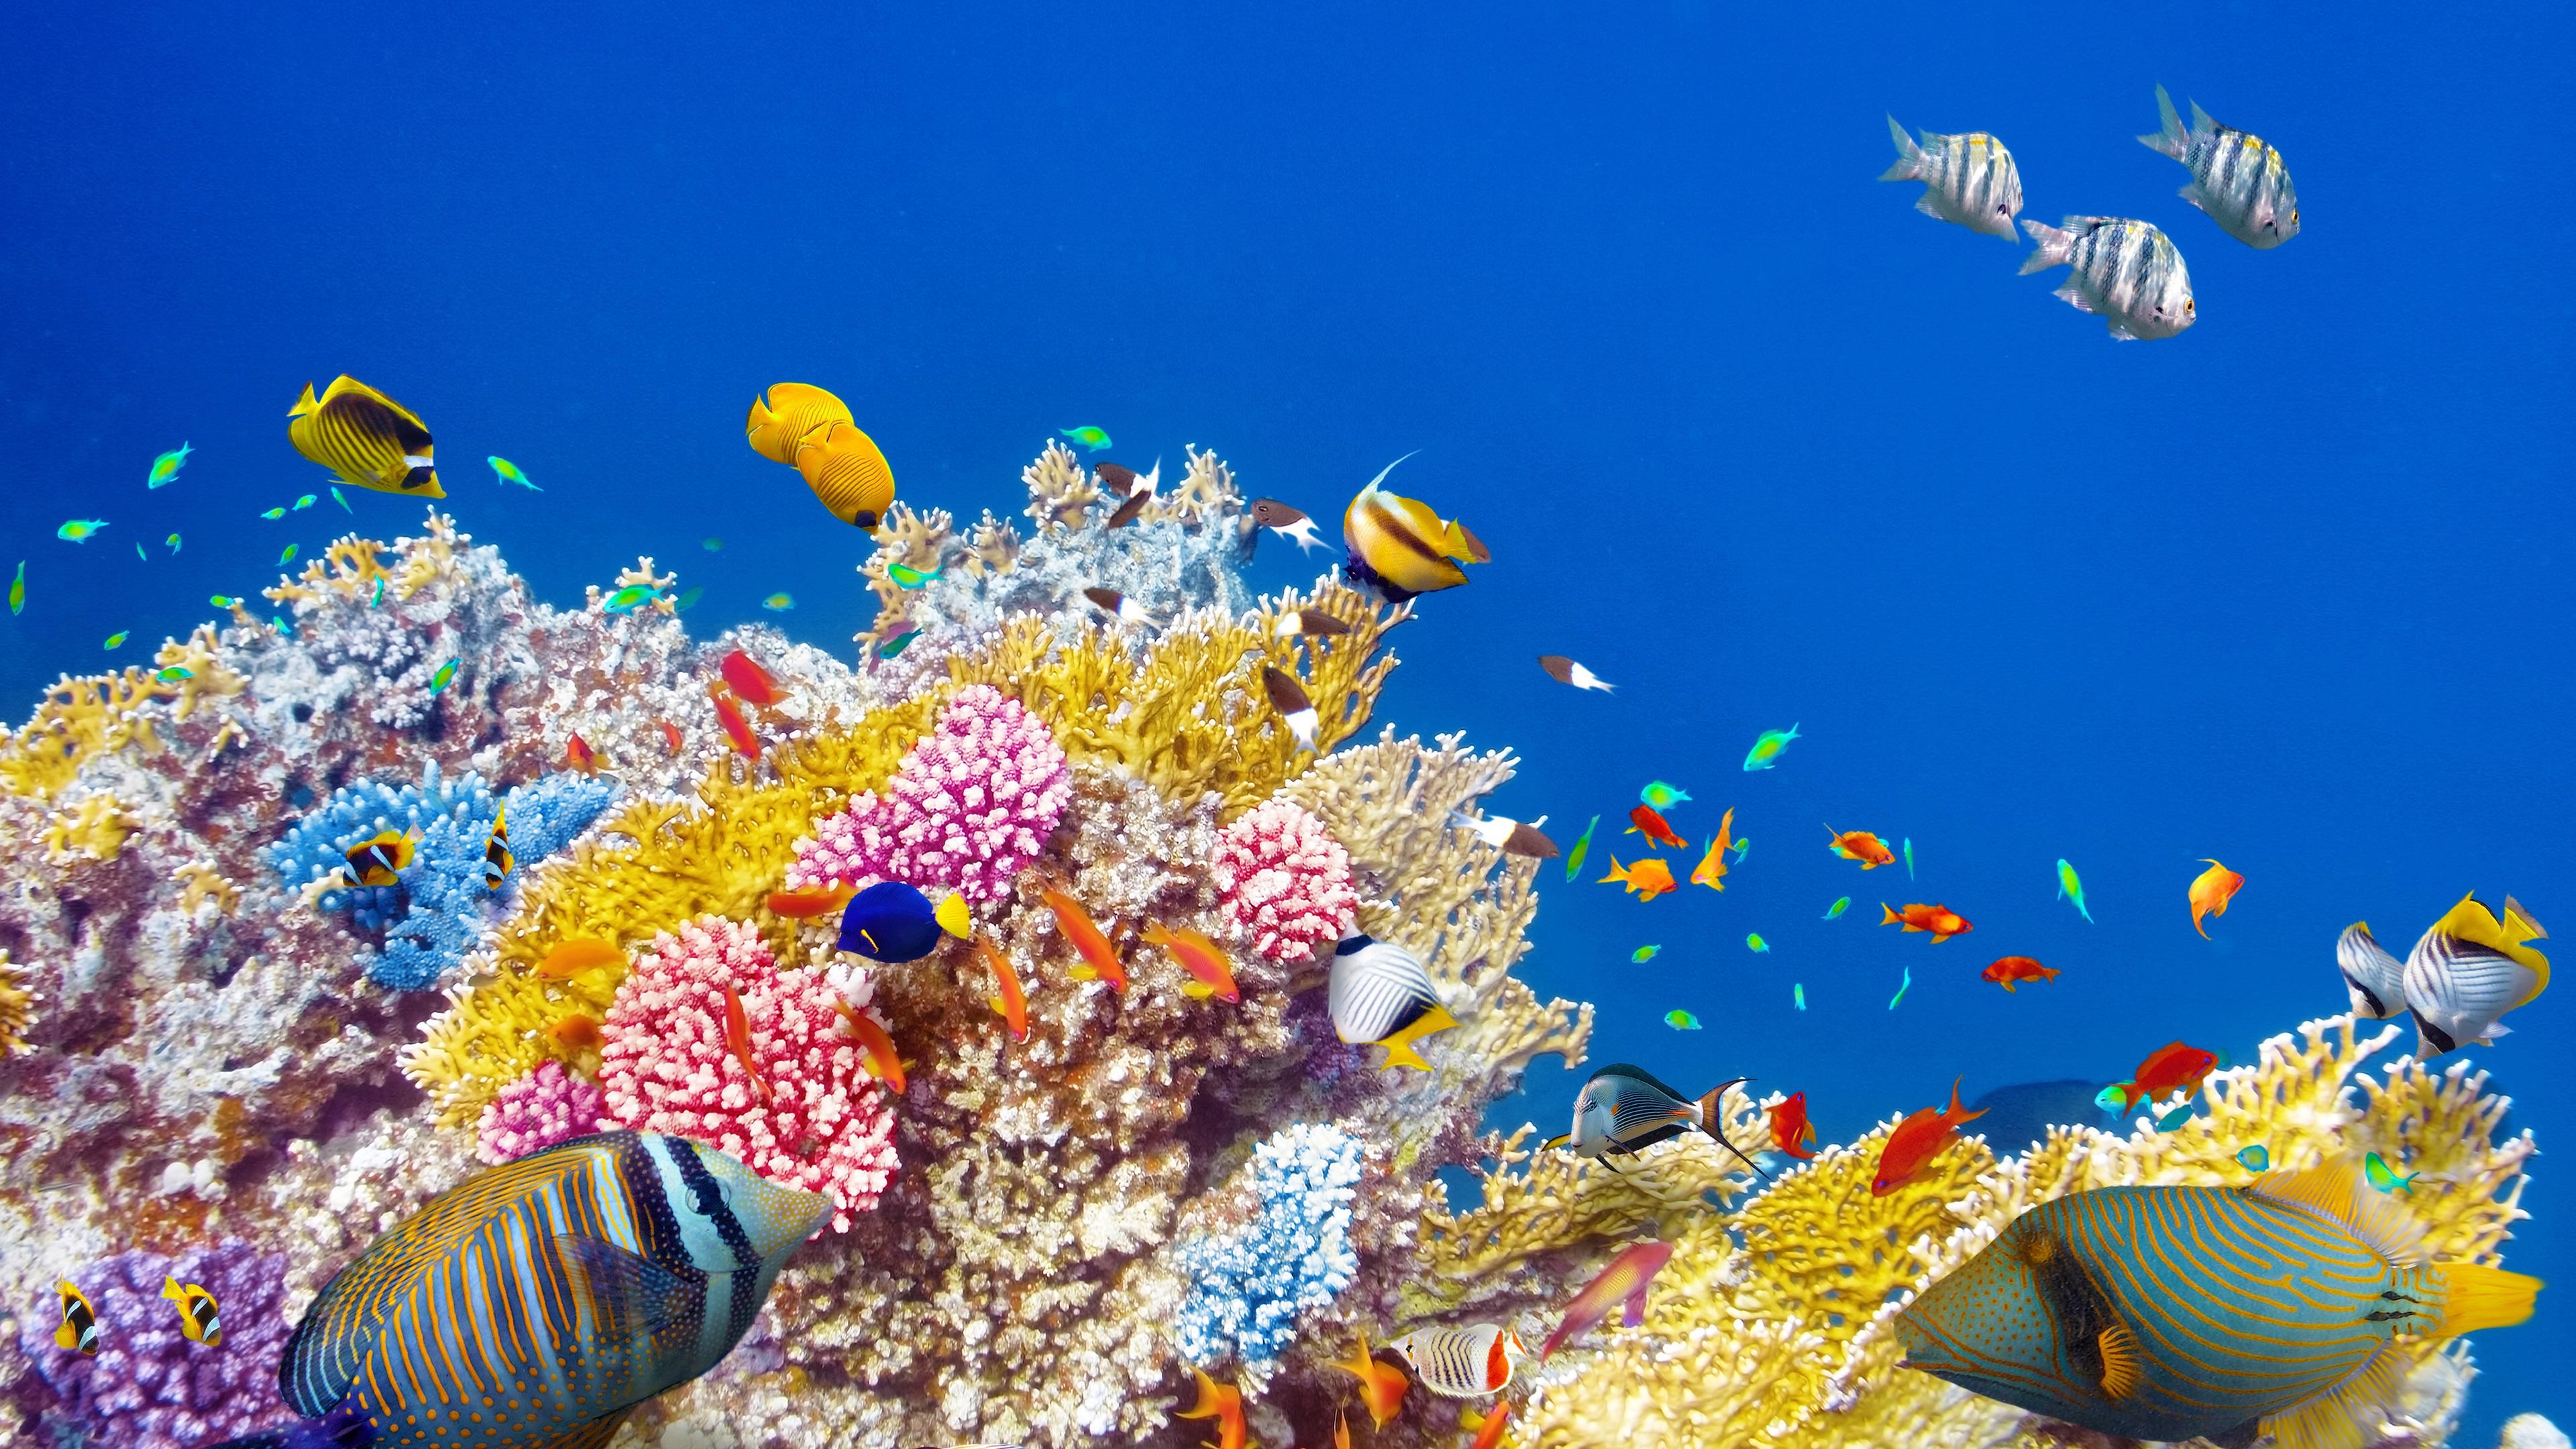 Яркие краски подводного мира  № 618881 бесплатно